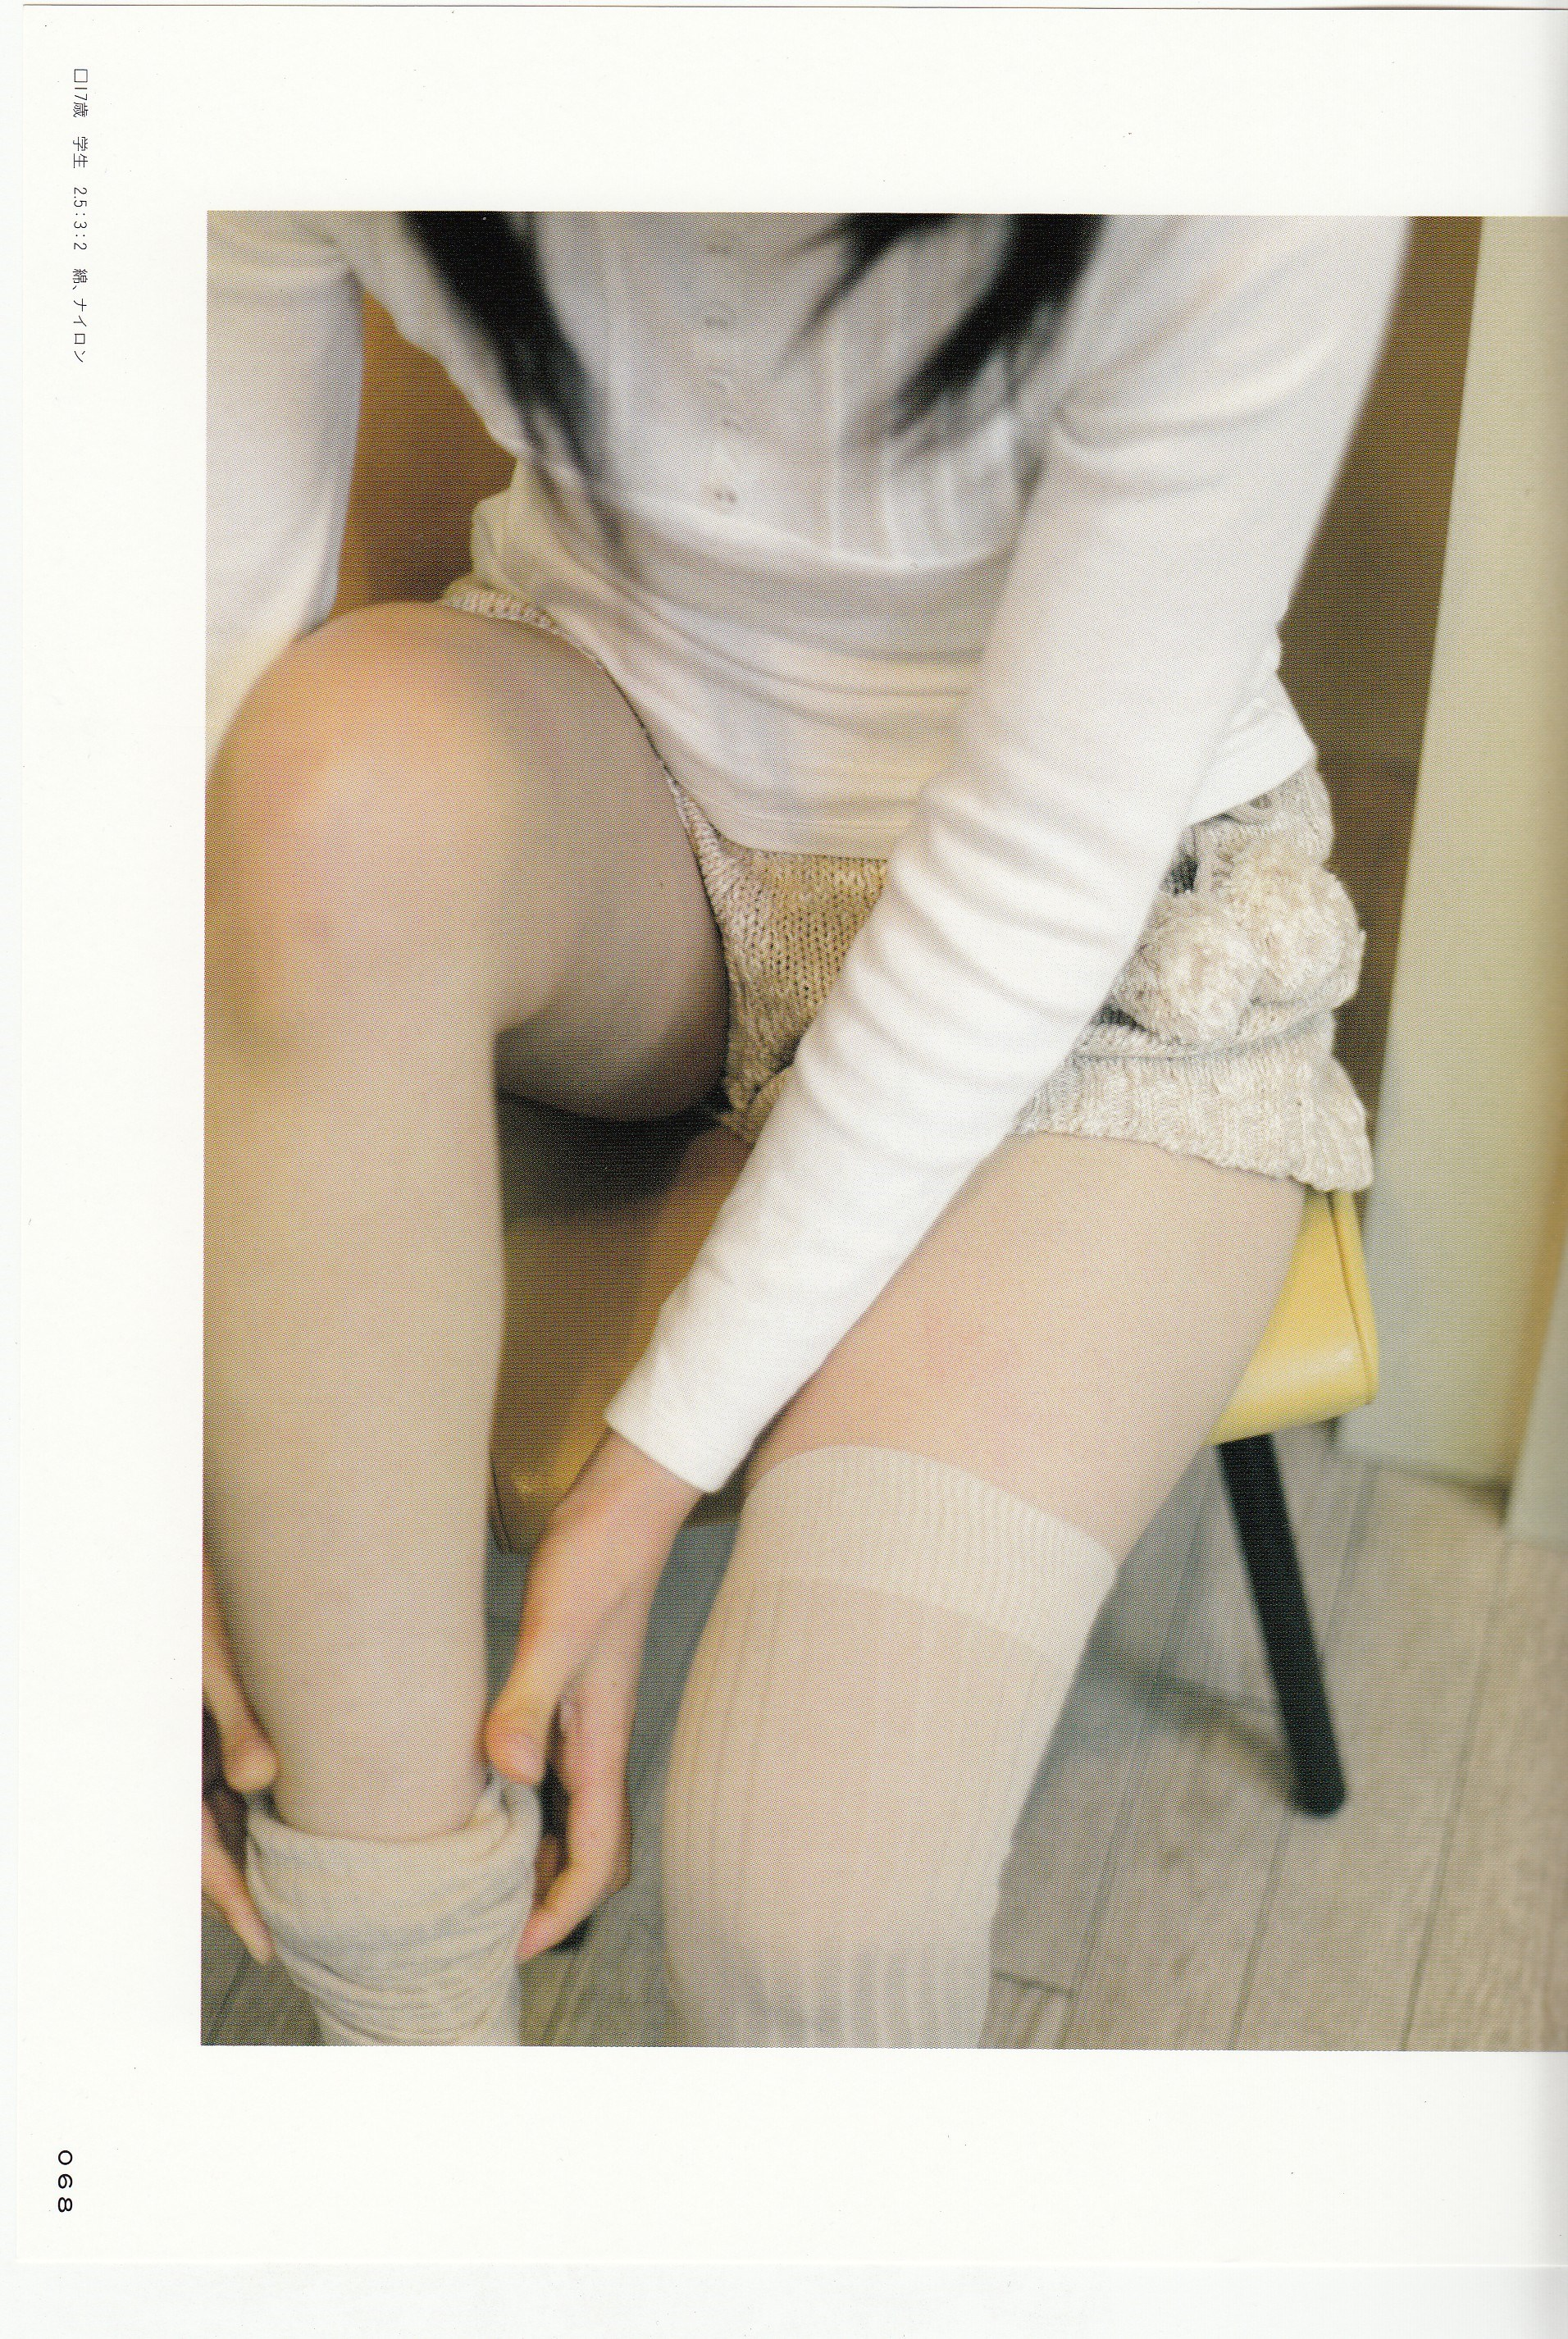 【兔玩映画】新鲜的美少女大腿 兔玩映画 第46张